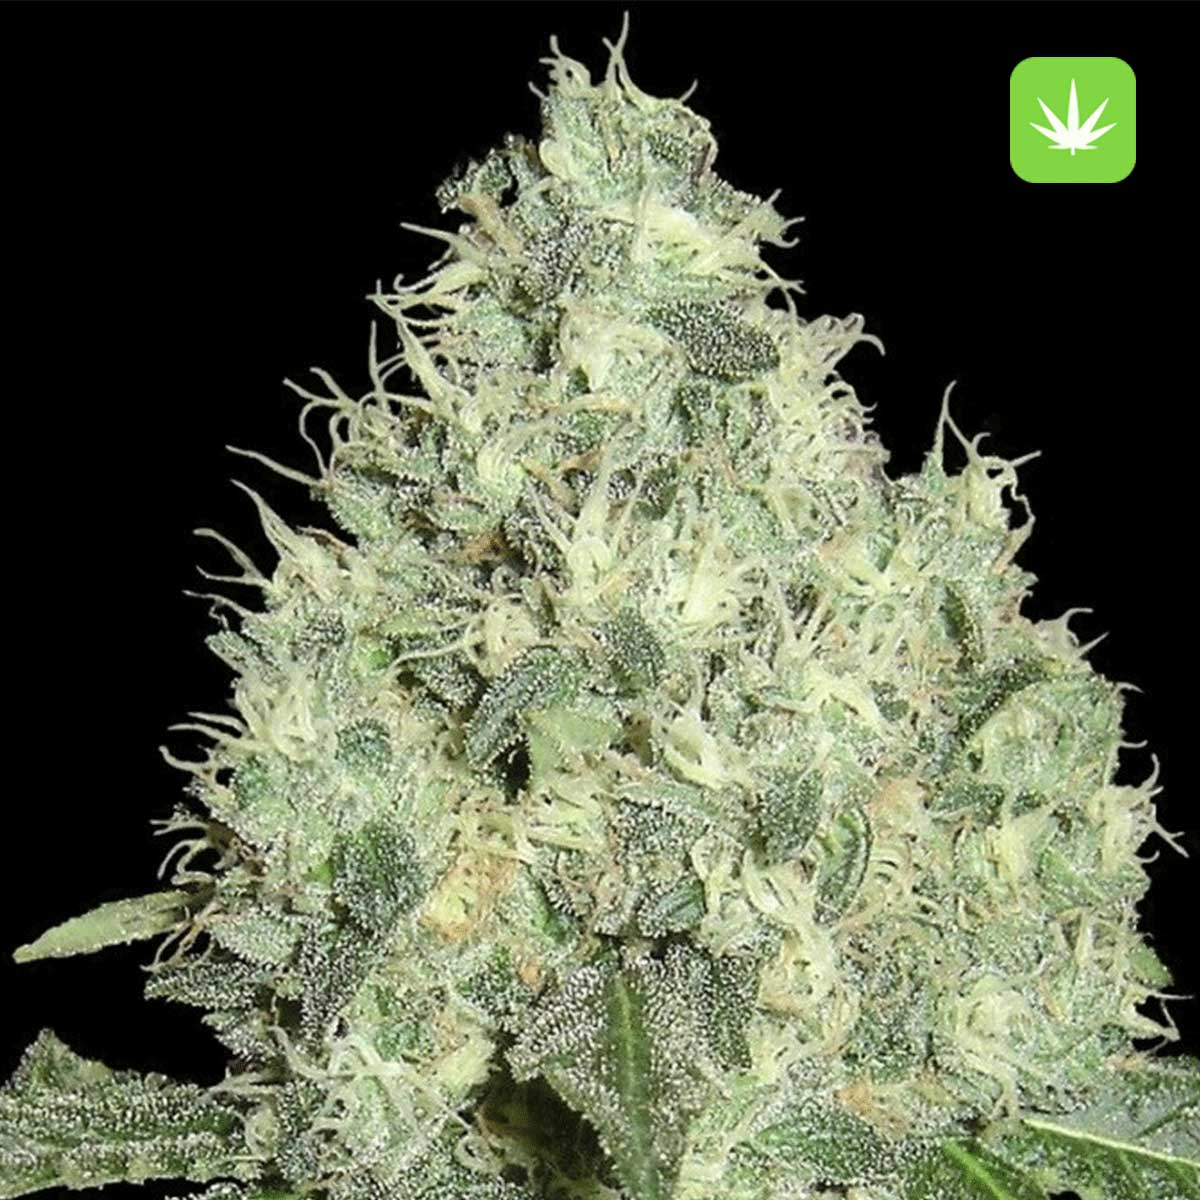 White Widow 2 Cannabis Avenue